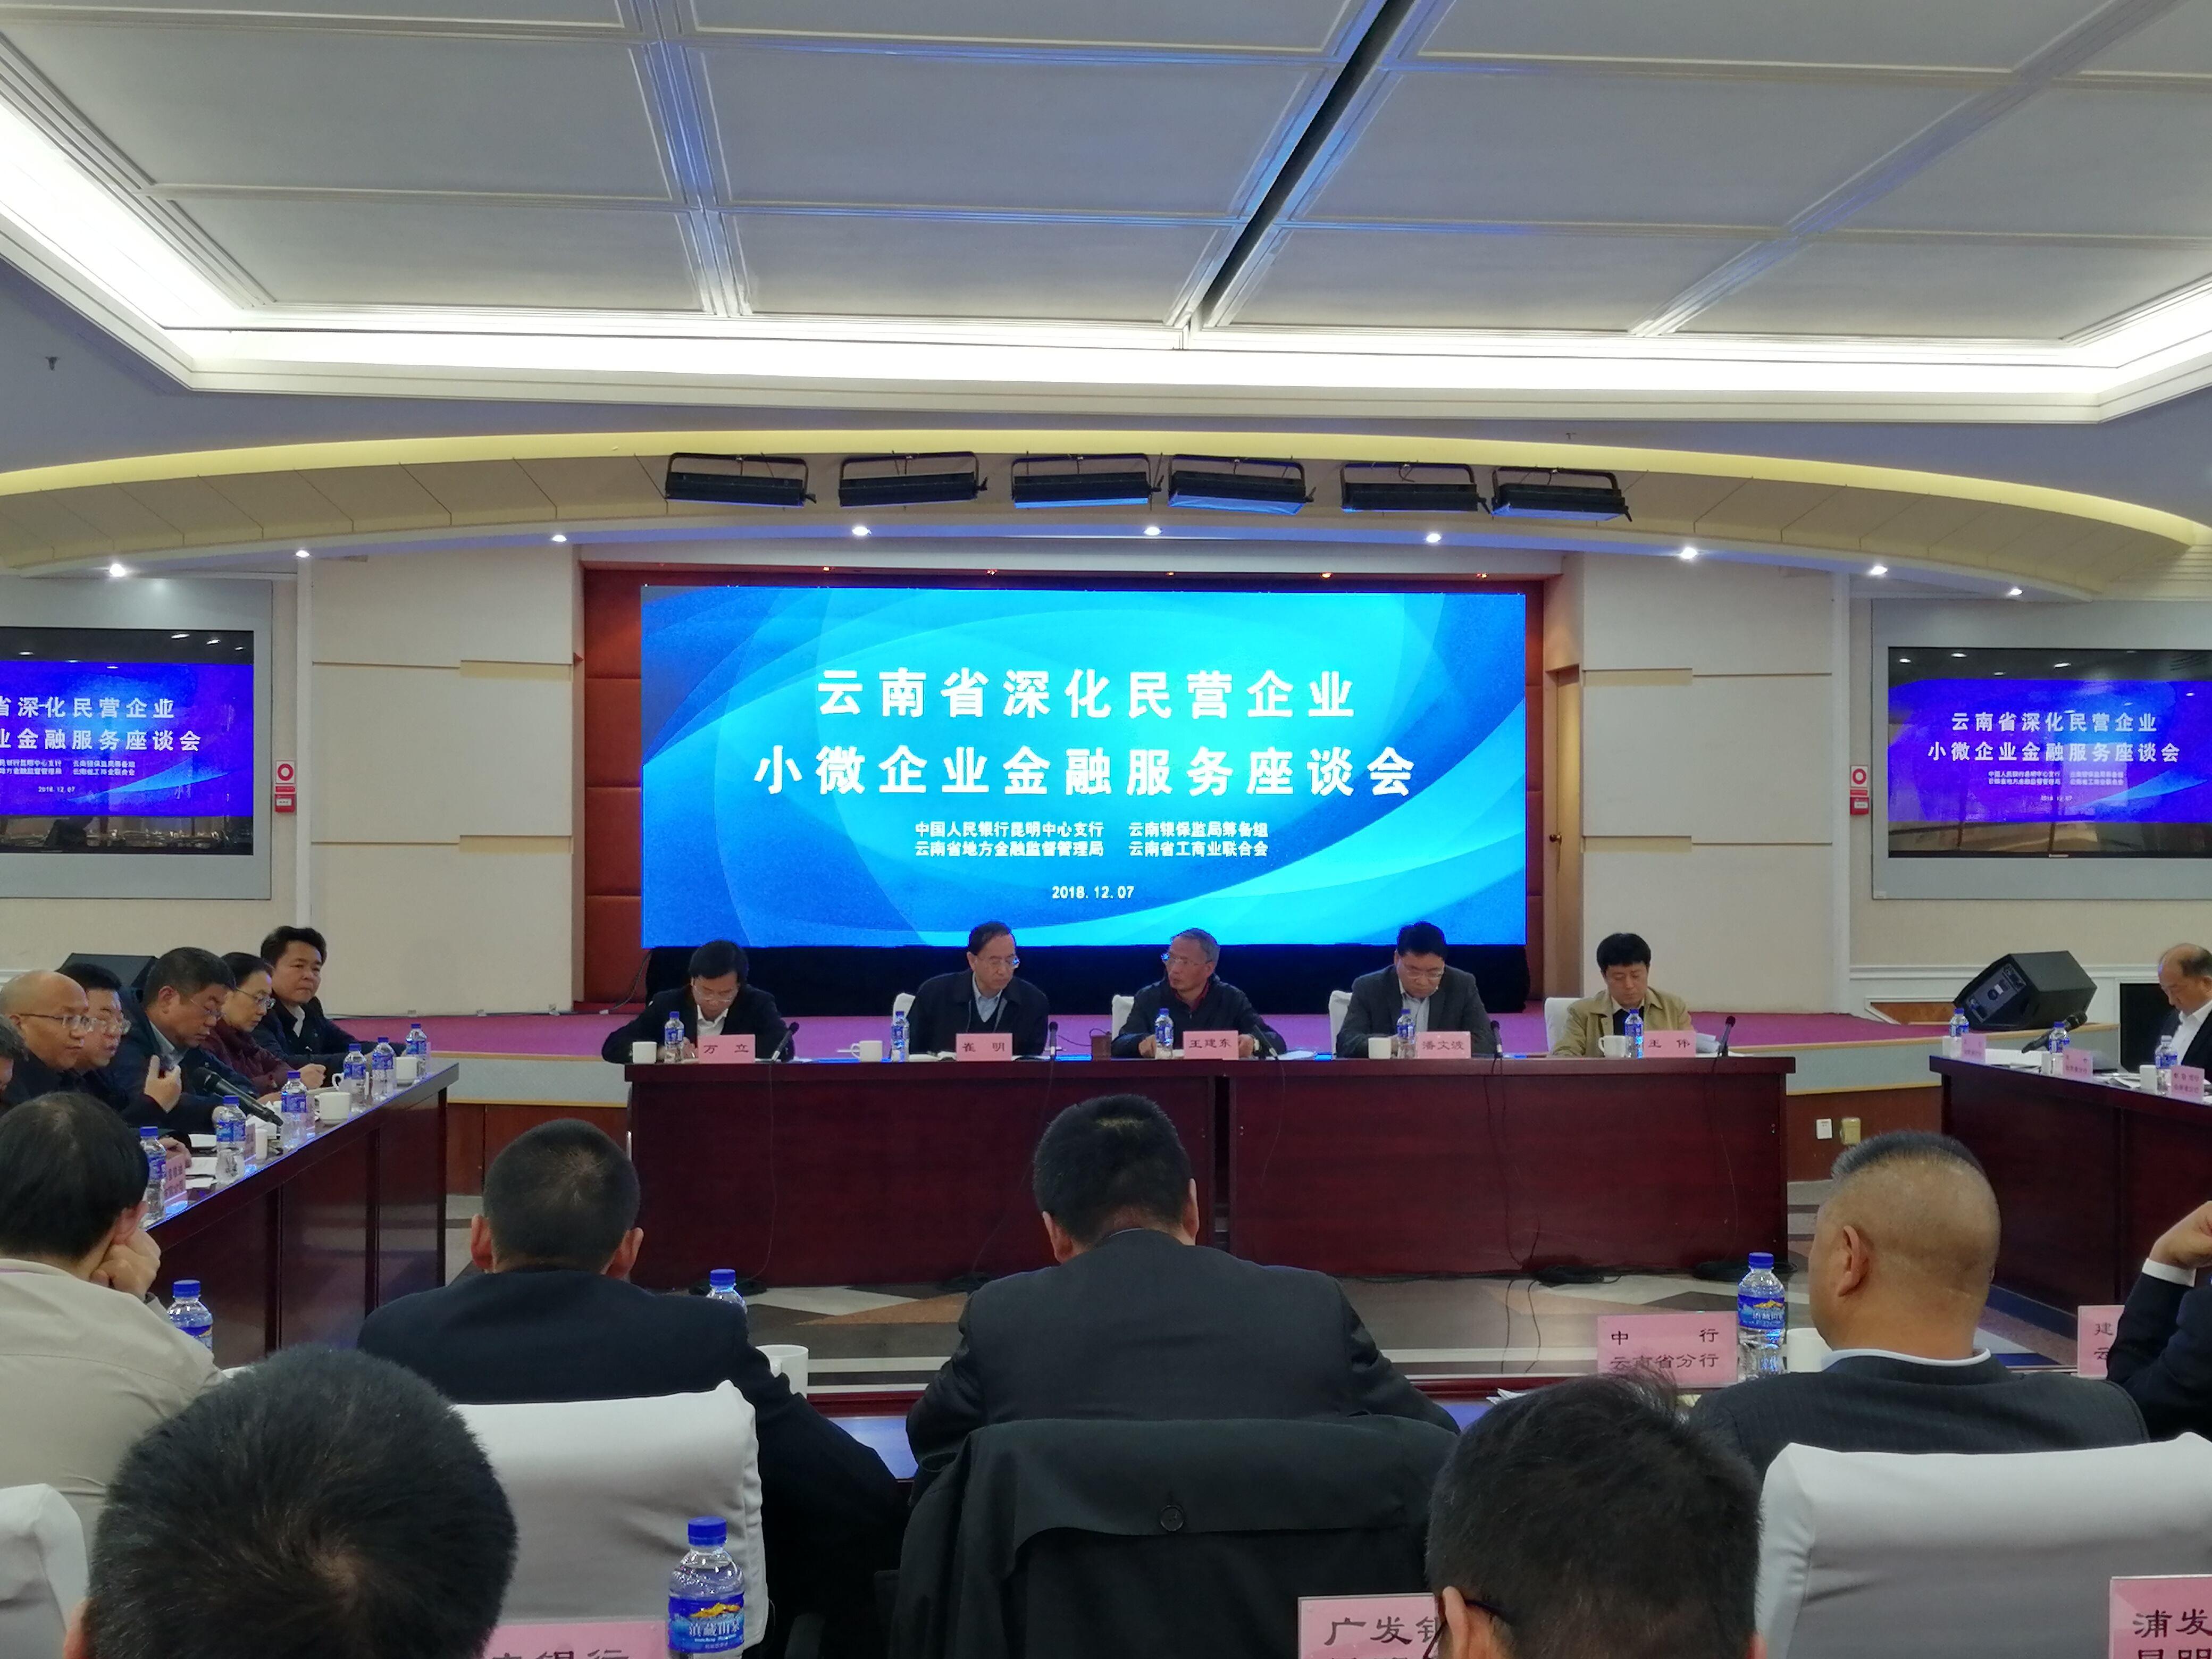 云南开展深化民营企业小微企业金融服务座谈会